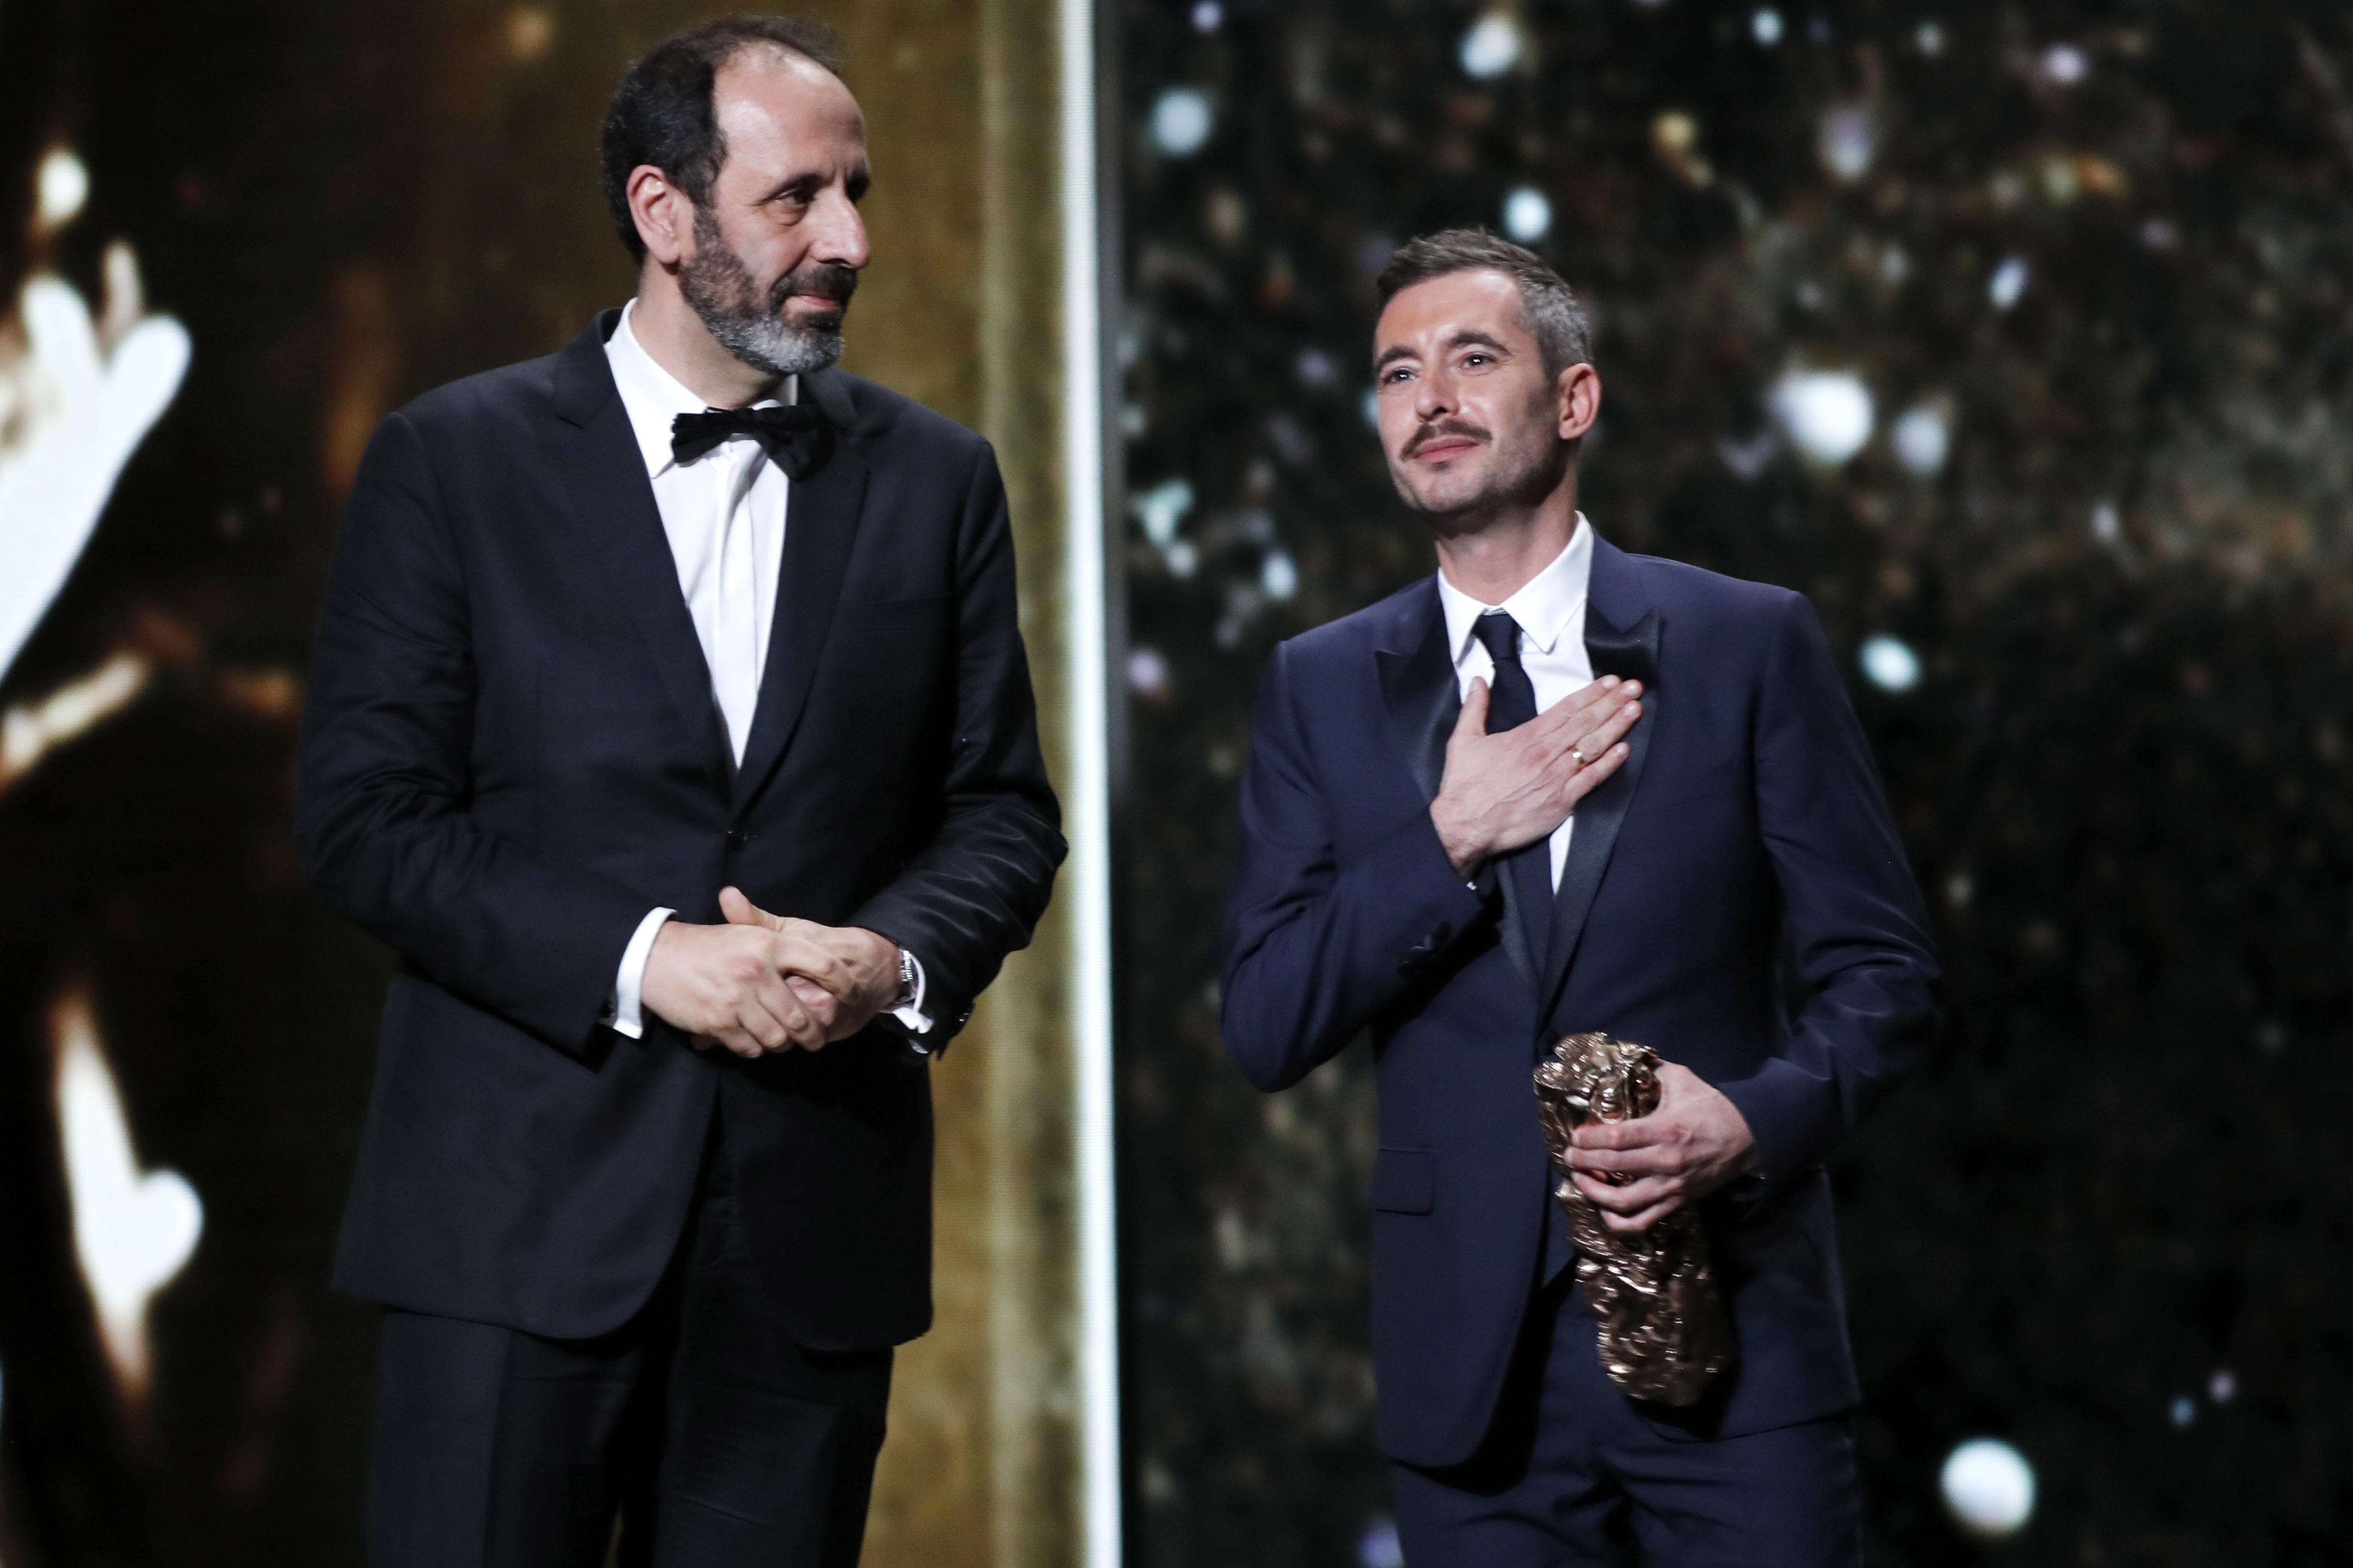 """Filmes """"Custódia partilhada"""" e """"Os irmãos Sisters"""" premiados com os Césares"""